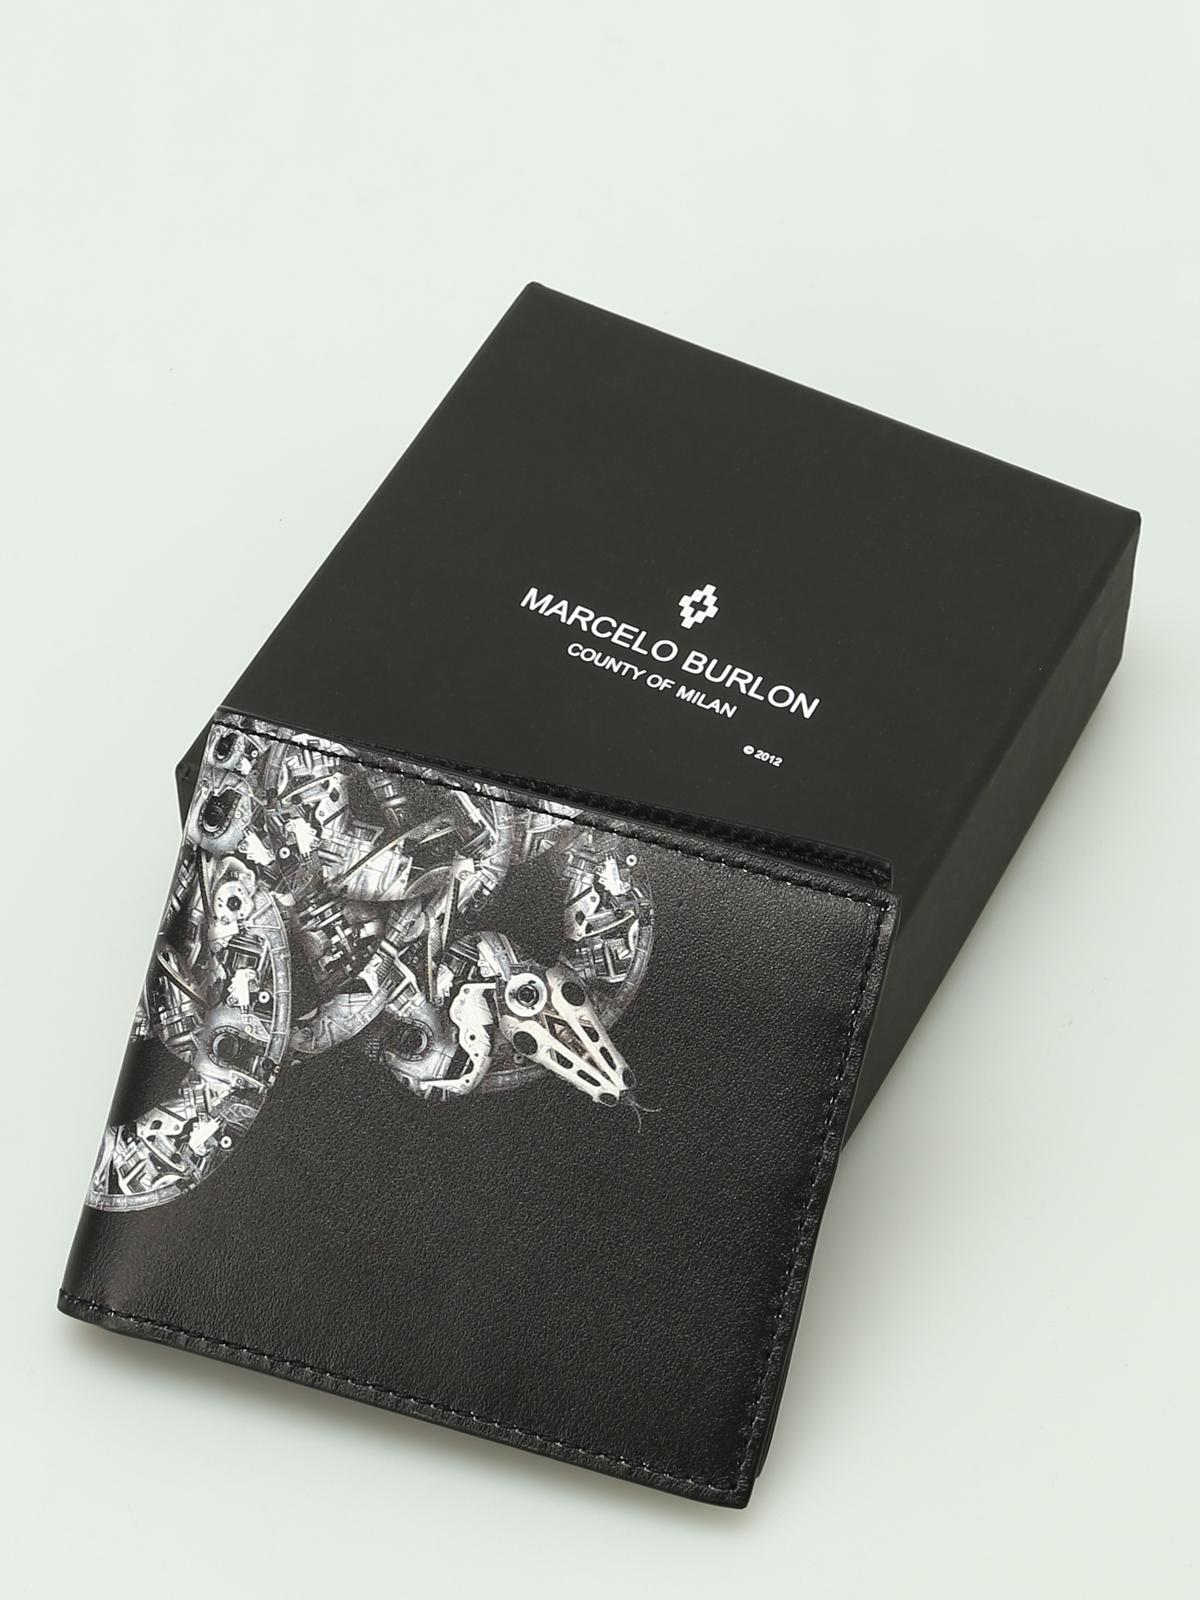 foto ufficiali 011d7 cadd5 Marcelo Burlon - Portafoglio Ke Wallet in pelle - portafogli ...